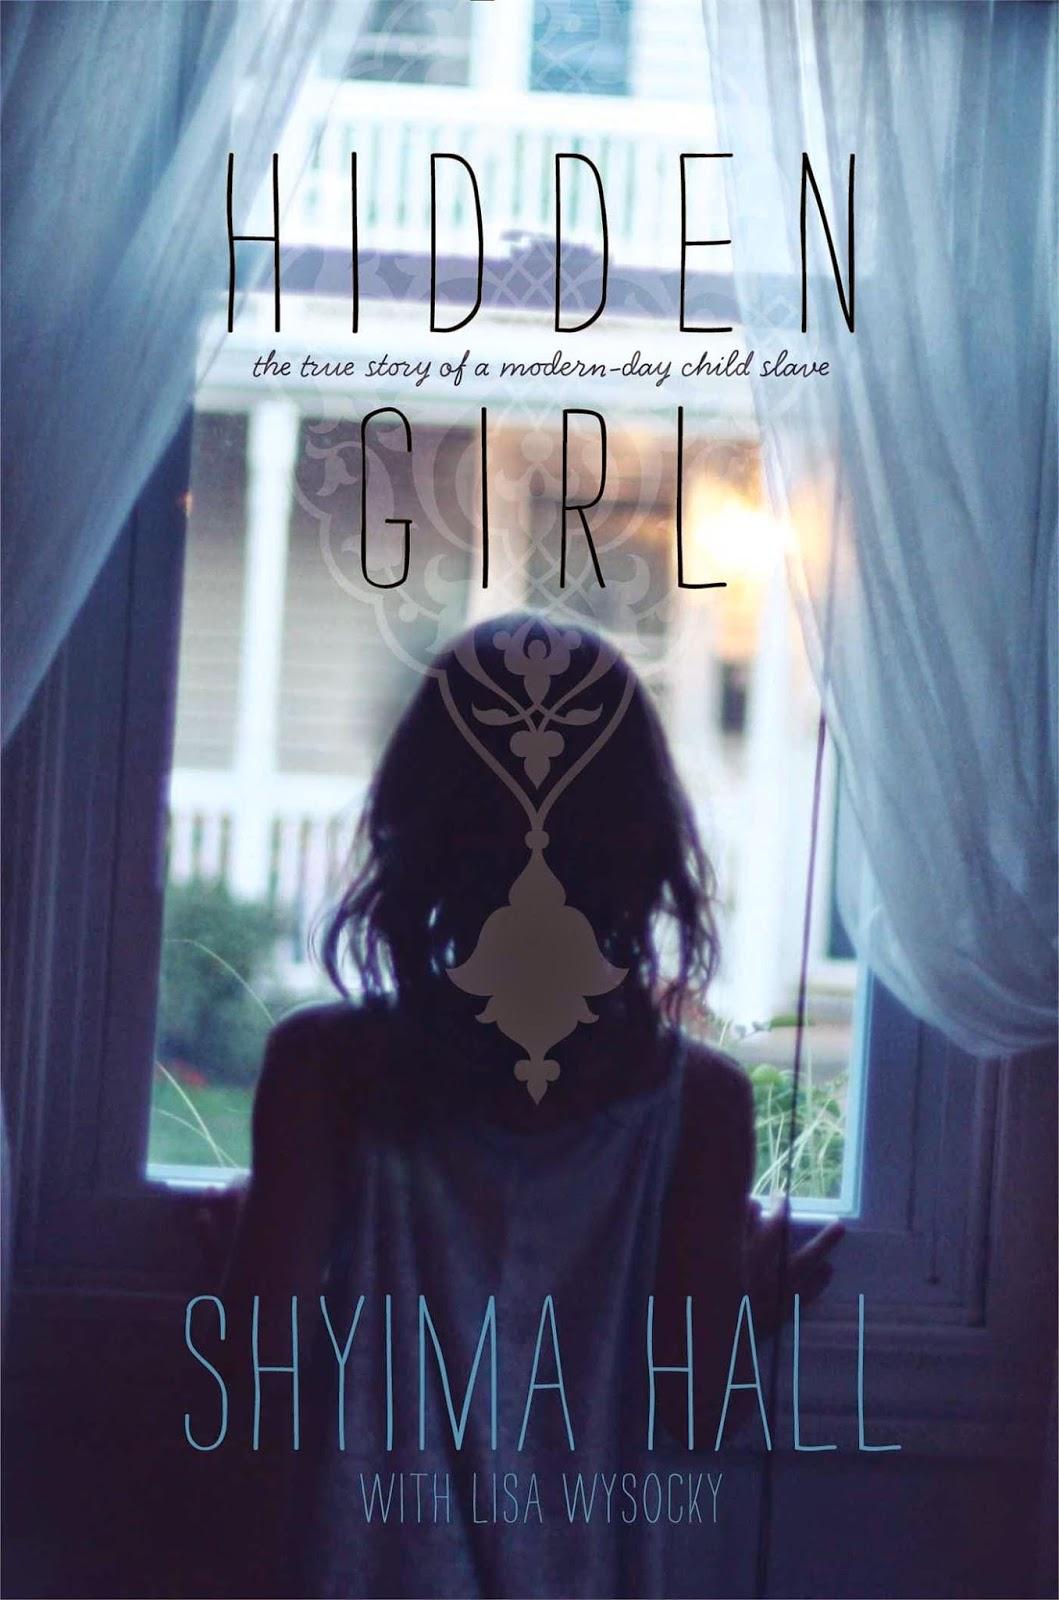 https://www.goodreads.com/book/show/18051084-hidden-girl